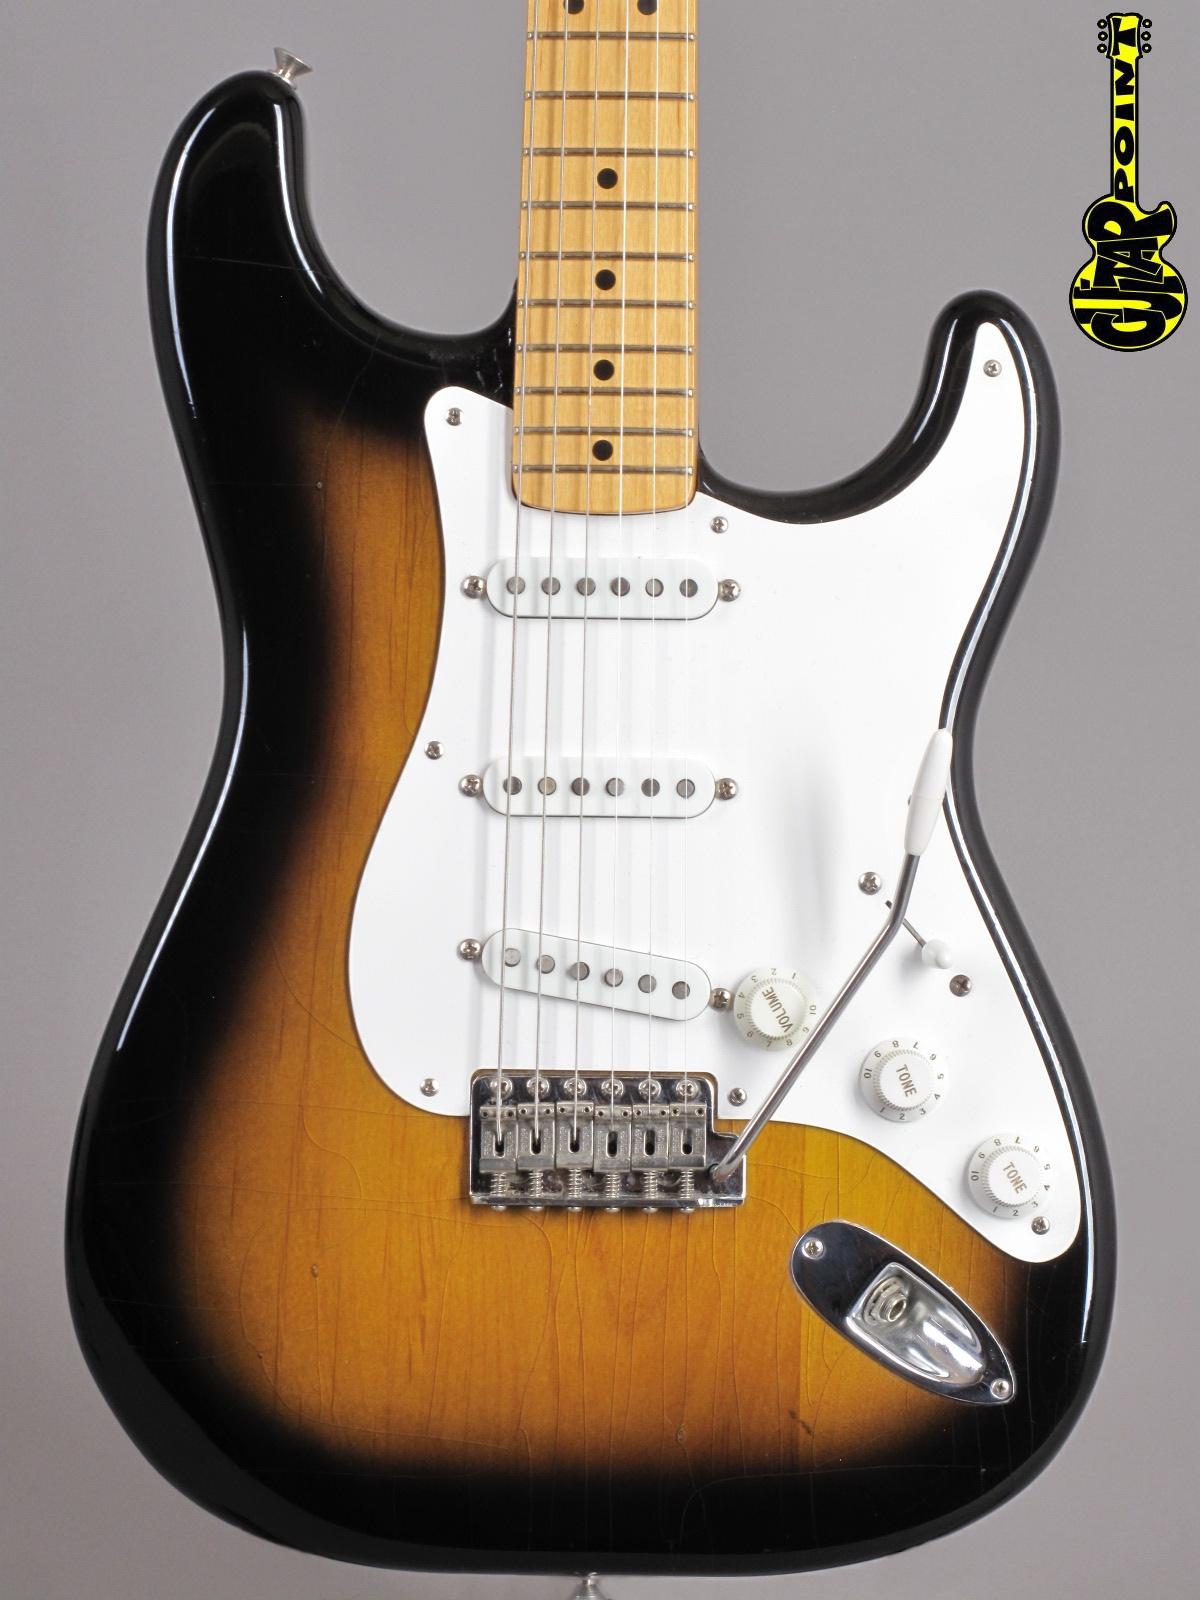 """1982 Fender American Vintage '57 """"Fullerton"""" Reissue Stratocaster - 2-tone Sunburst"""